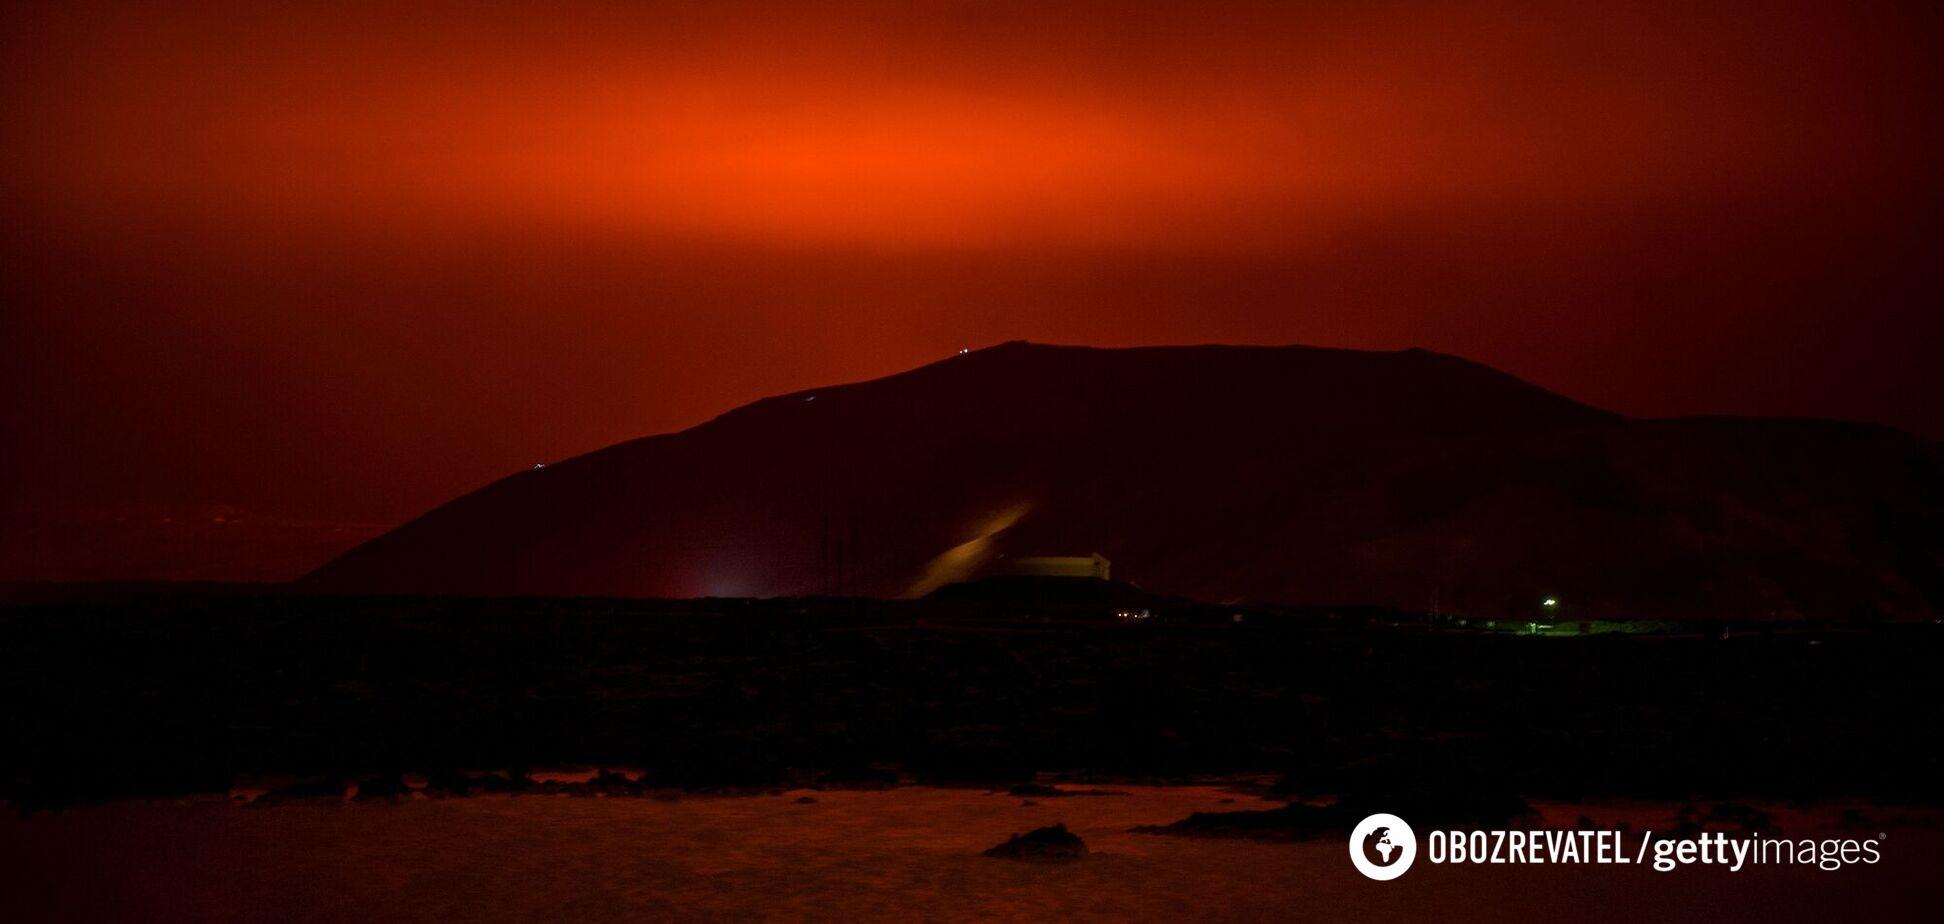 В Ісландії сталося виверження вулкана: скасували польоти та заборонили залишати домівки. Відео